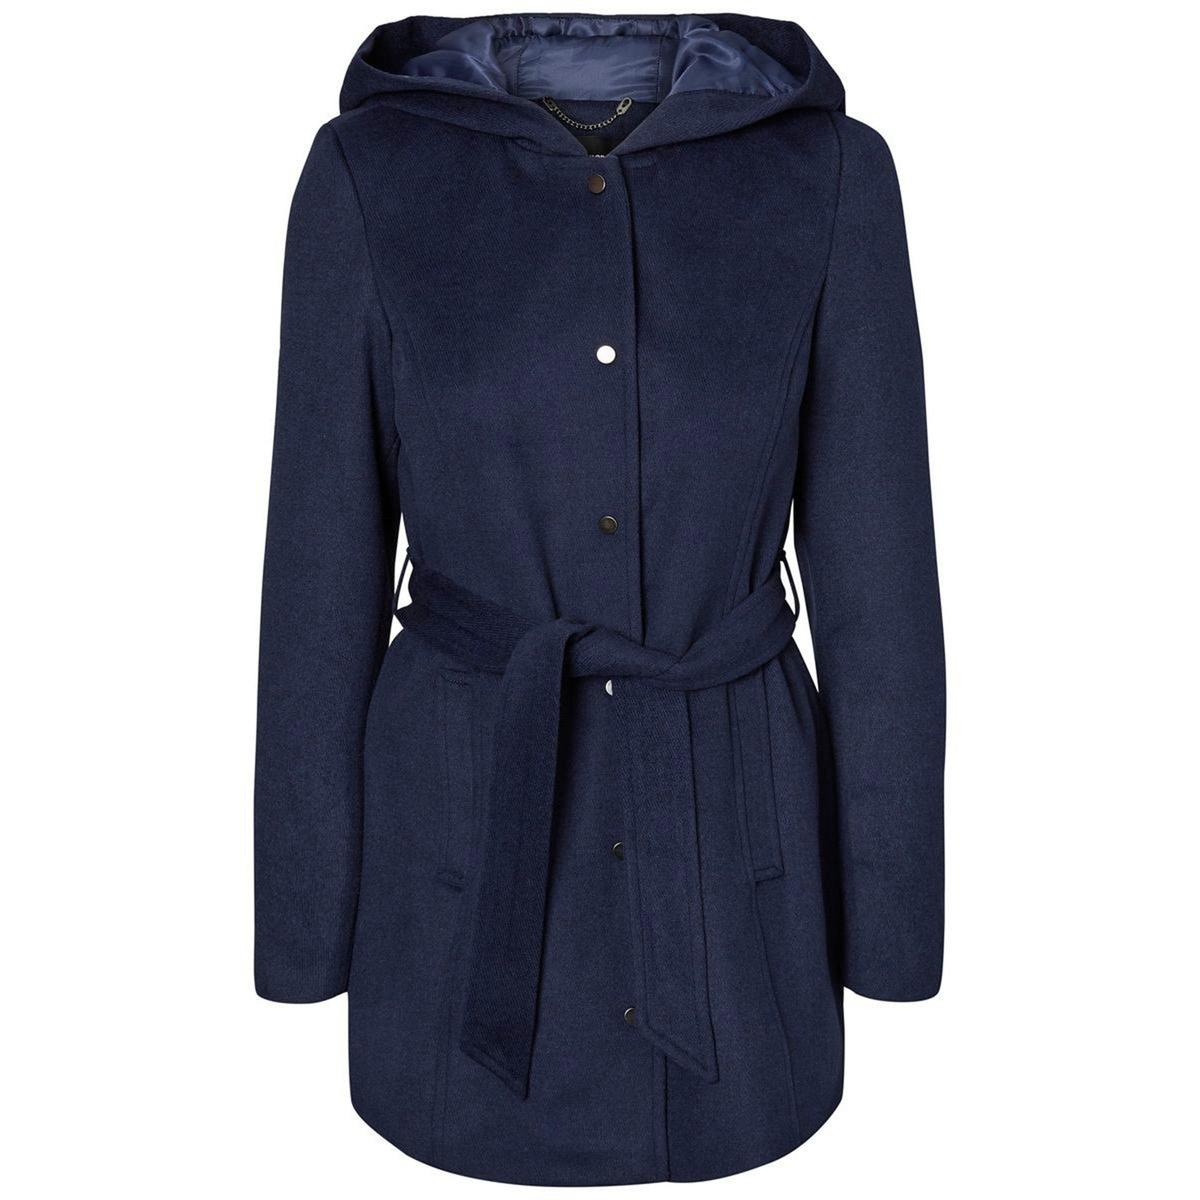 Пальто с капюшоном средней длины из шерстяного драпаЭлегантное пальто с капюшоном средней длины VERO MODA из шерстяного драпа . Супатная застежка на молнию и кнопки. Пояс на талии. 2 кармана. Детали •  Длина : средняя •  Круглый вырез •  Застежка на молнию •  С капюшономСостав и уход •  3% вискозы, 31% шерсти, 3% акрила, 2% хлопка, 61% полиэстера •  Следуйте рекомендациям по уходу, указанным на этикетке изделия<br><br>Цвет: синий морской<br>Размер: XL